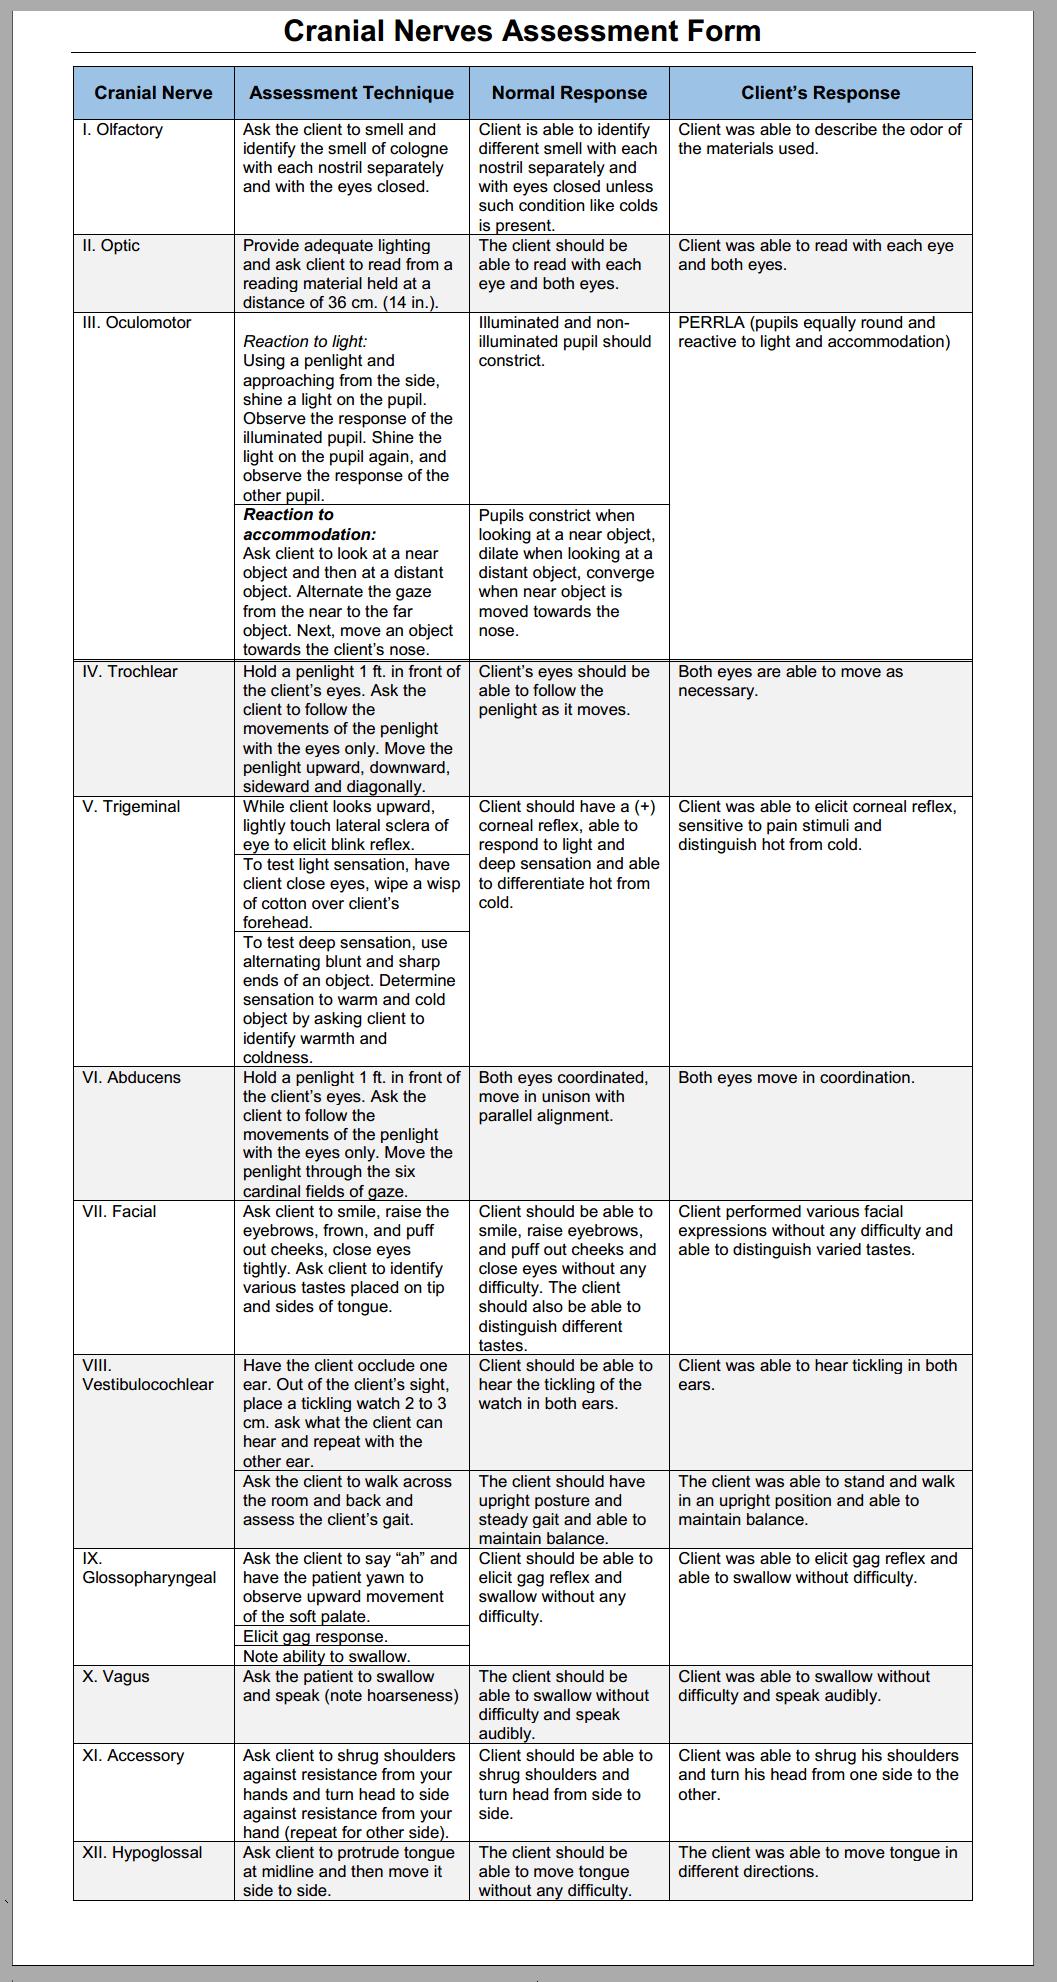 Cranial Nerves Assessment Cheat Sheet